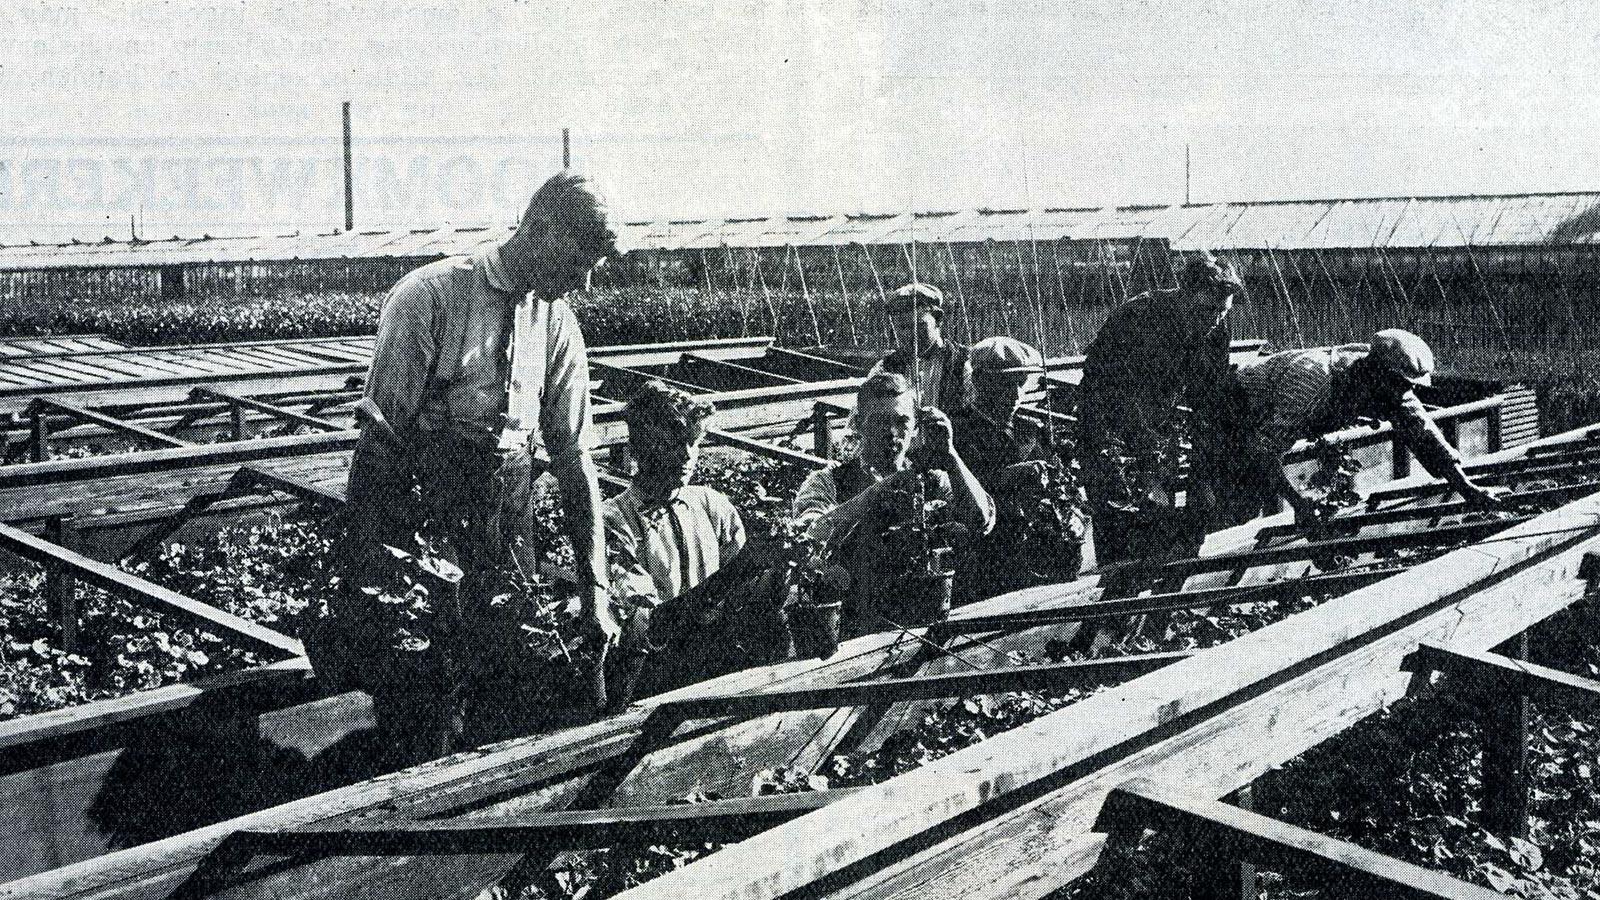 Koop Maarse - einde Uiterweg rond 1928 - Historische Tuin Aalsmeer - Een levend museum